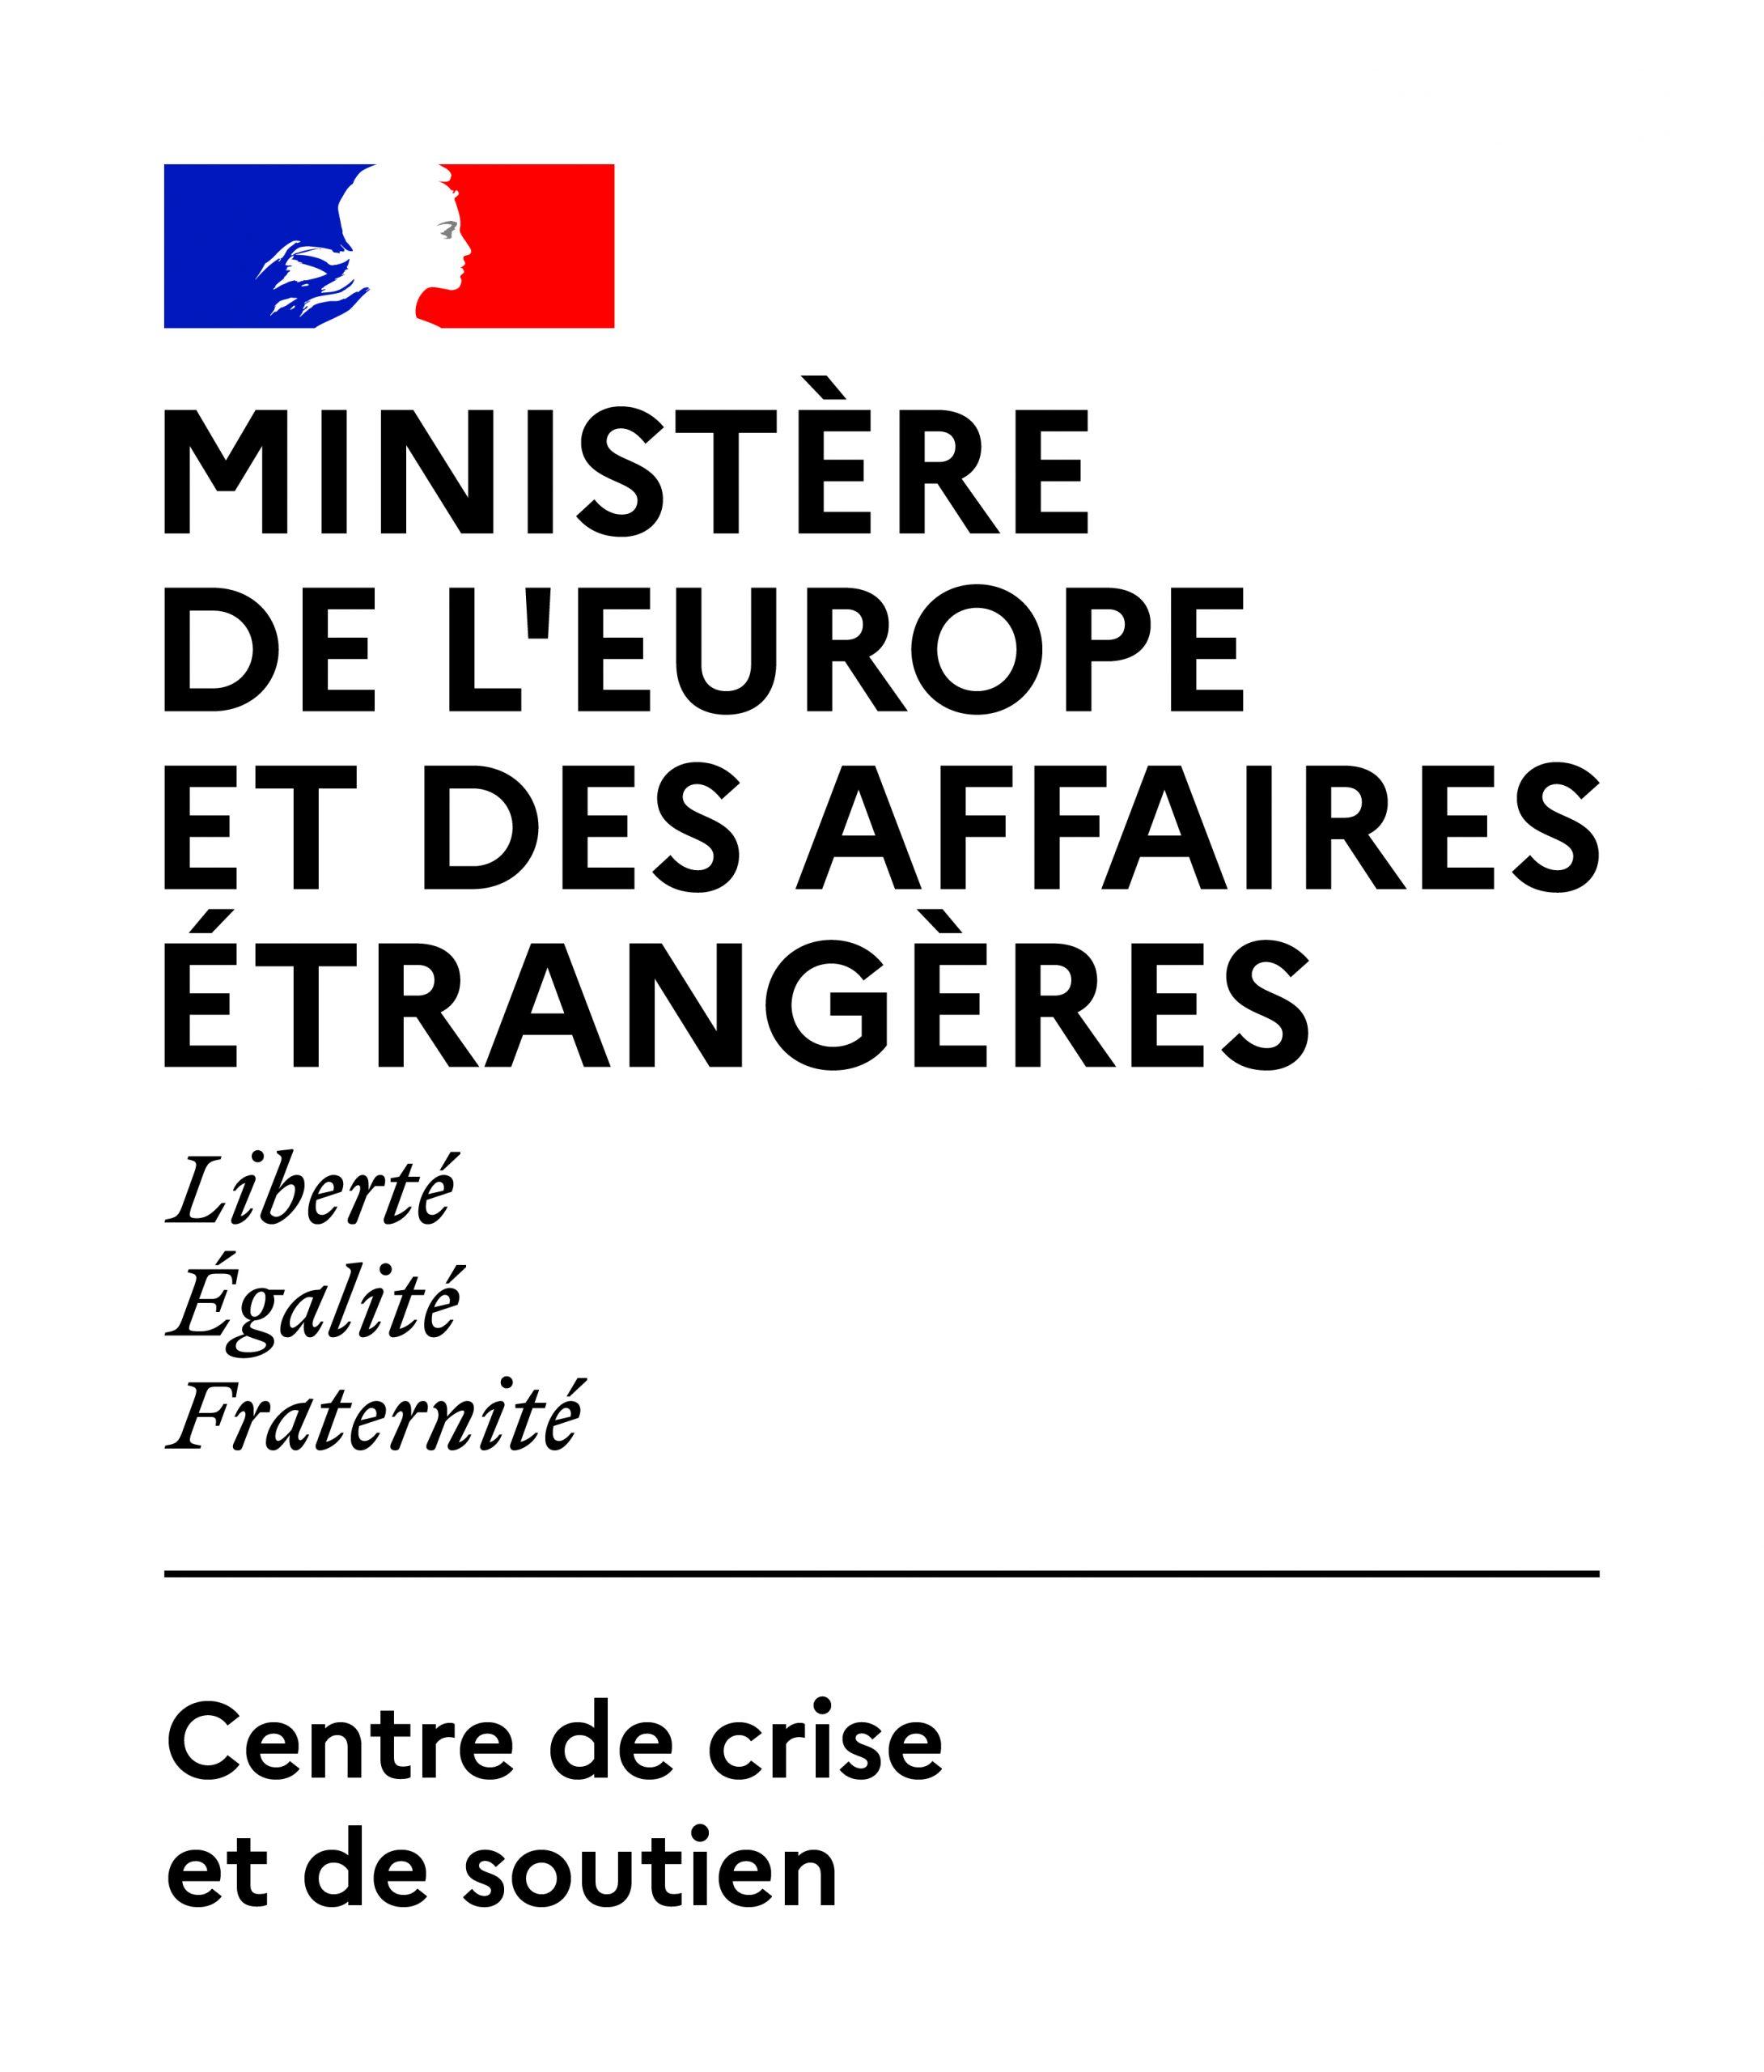 Financé par le Centre de crise et de soutien du Ministère de l'Europe et des Affaires Etrangères